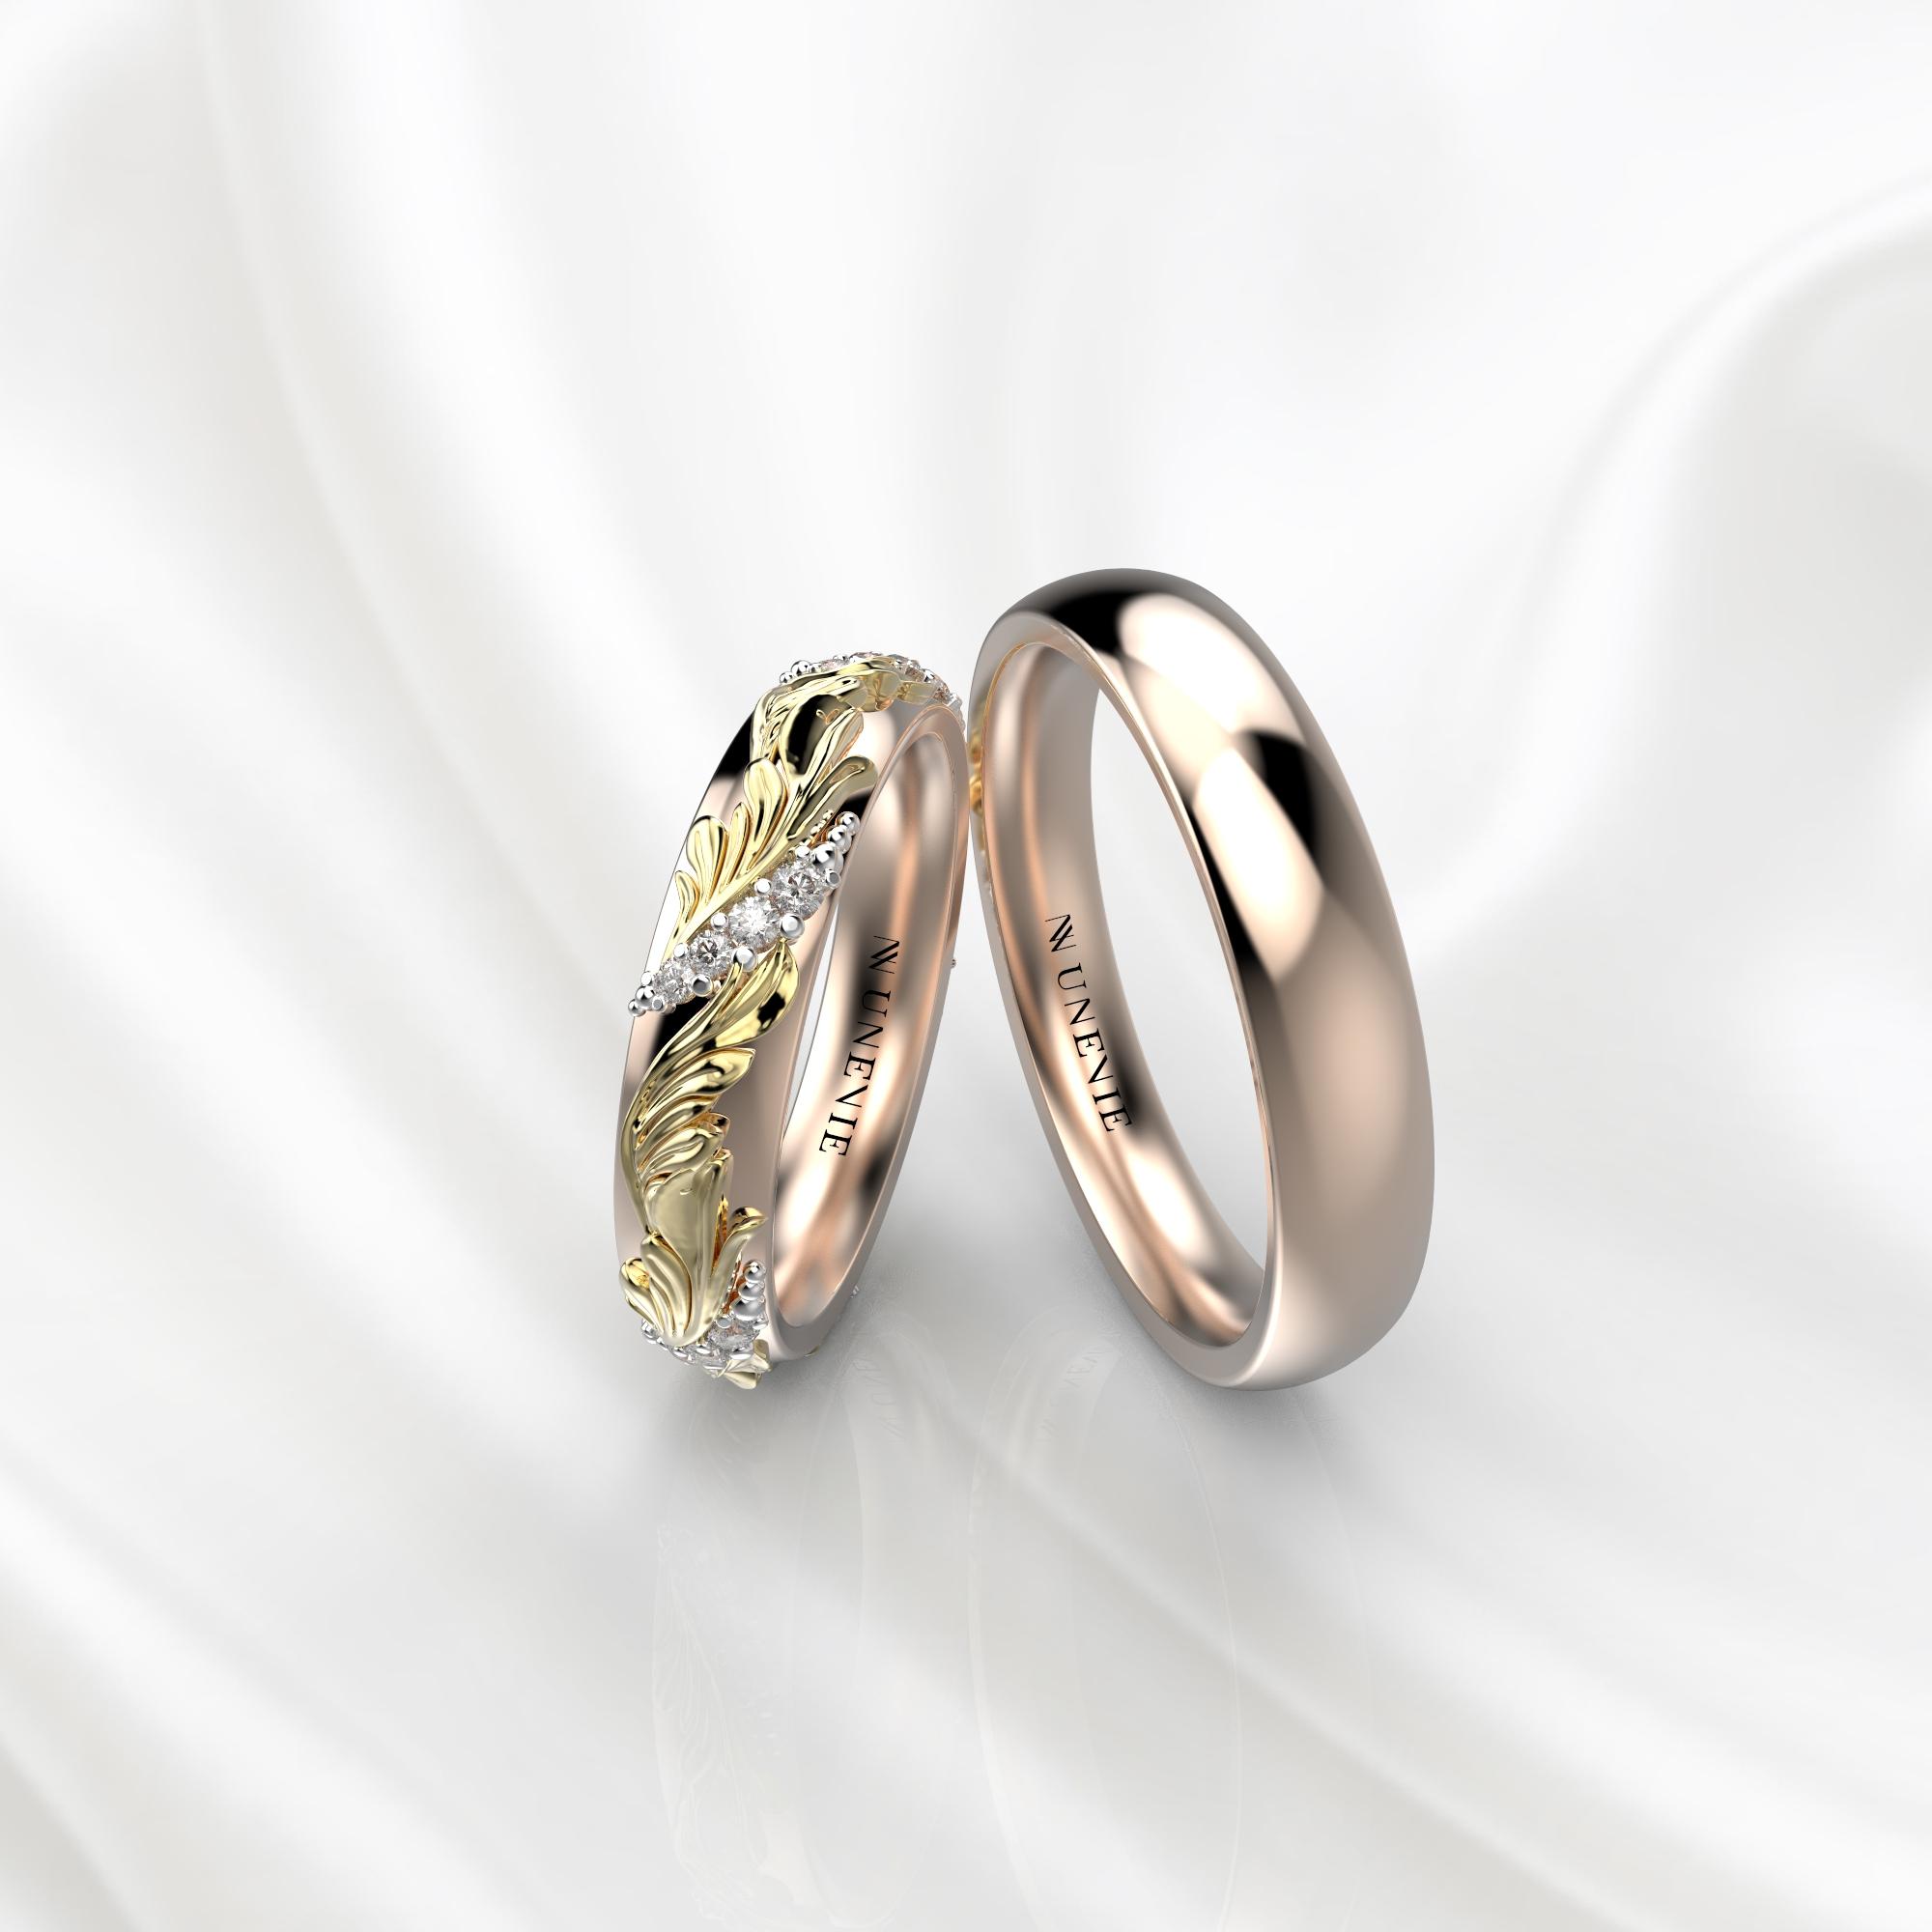 Ажурные обручальные кольца с бриллиантами по кругу